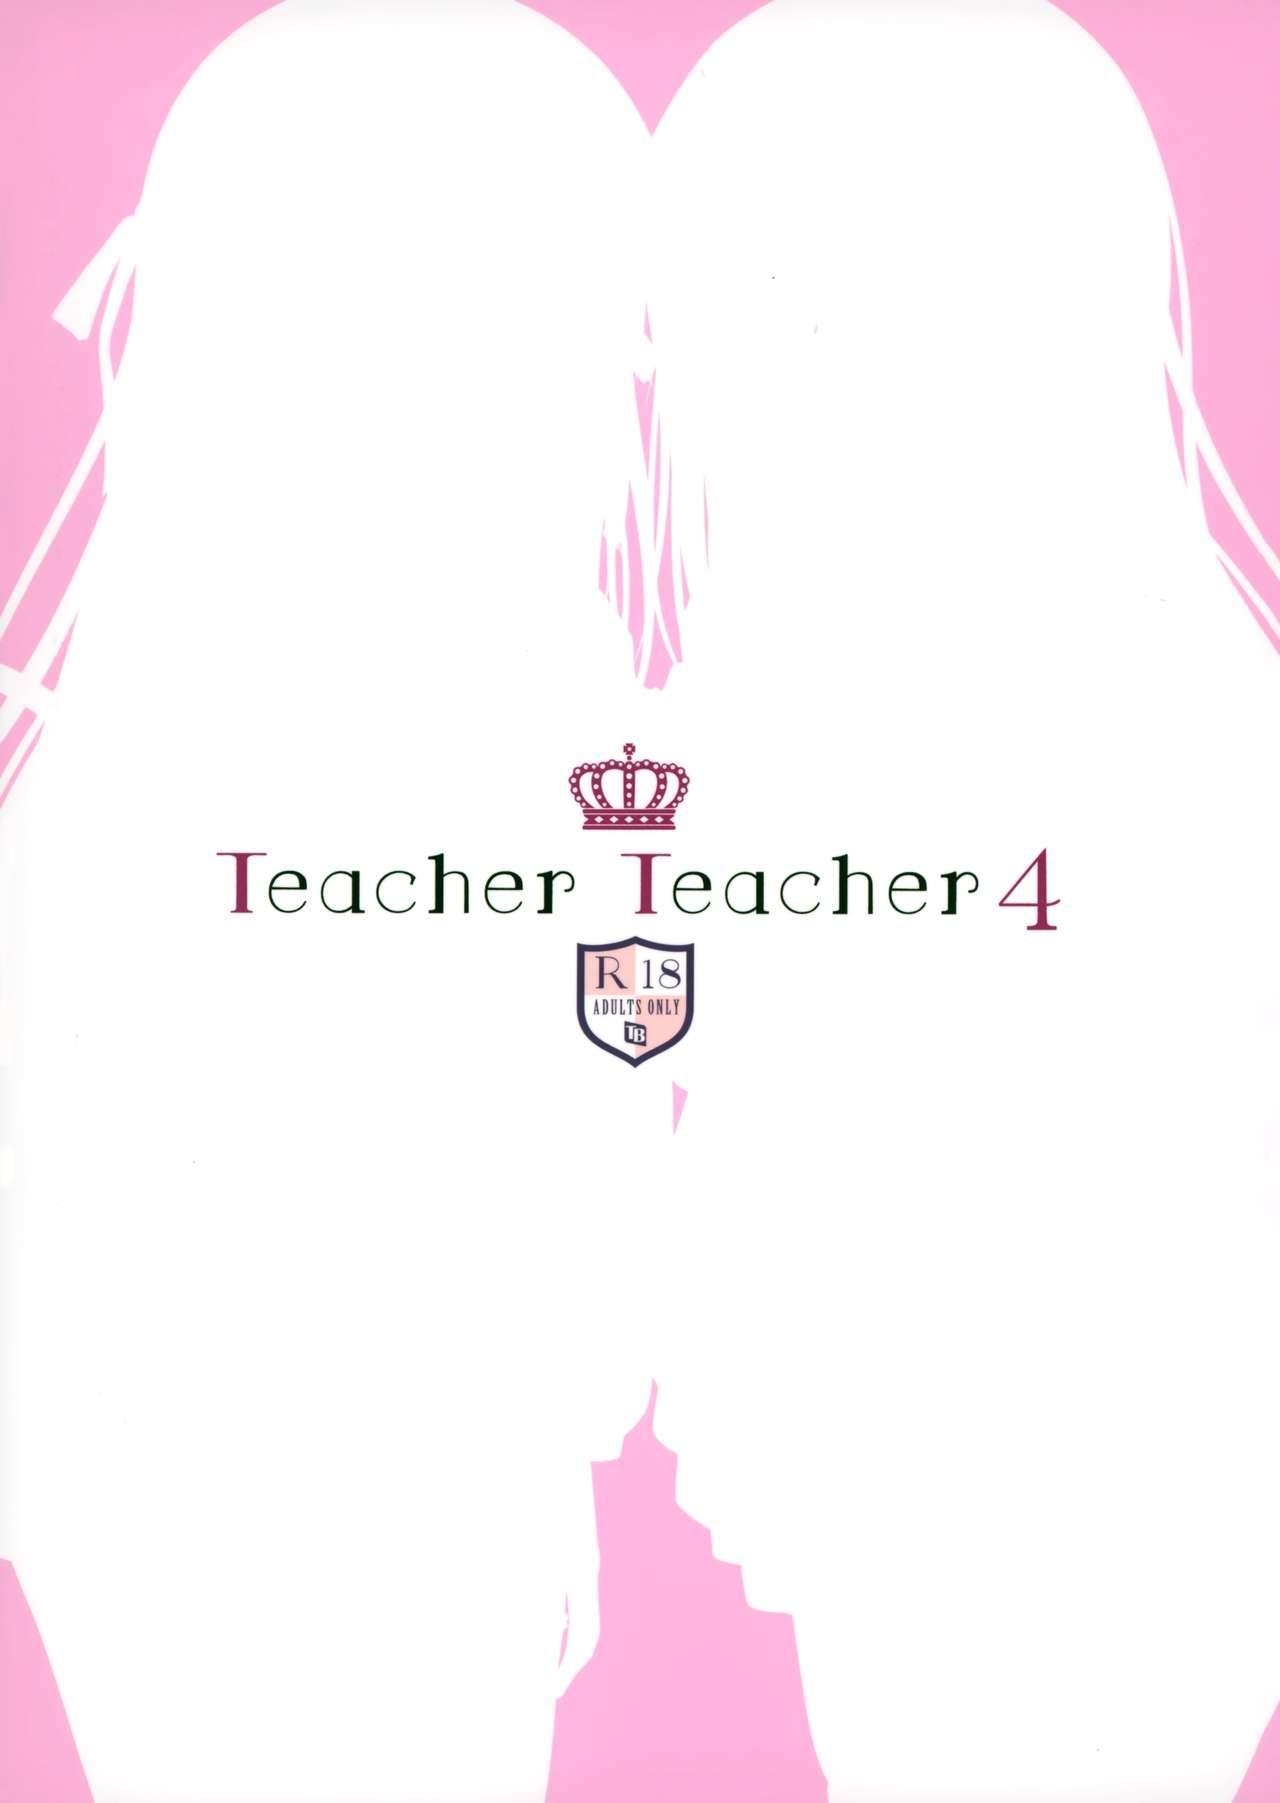 Teacher Teacher 4 25